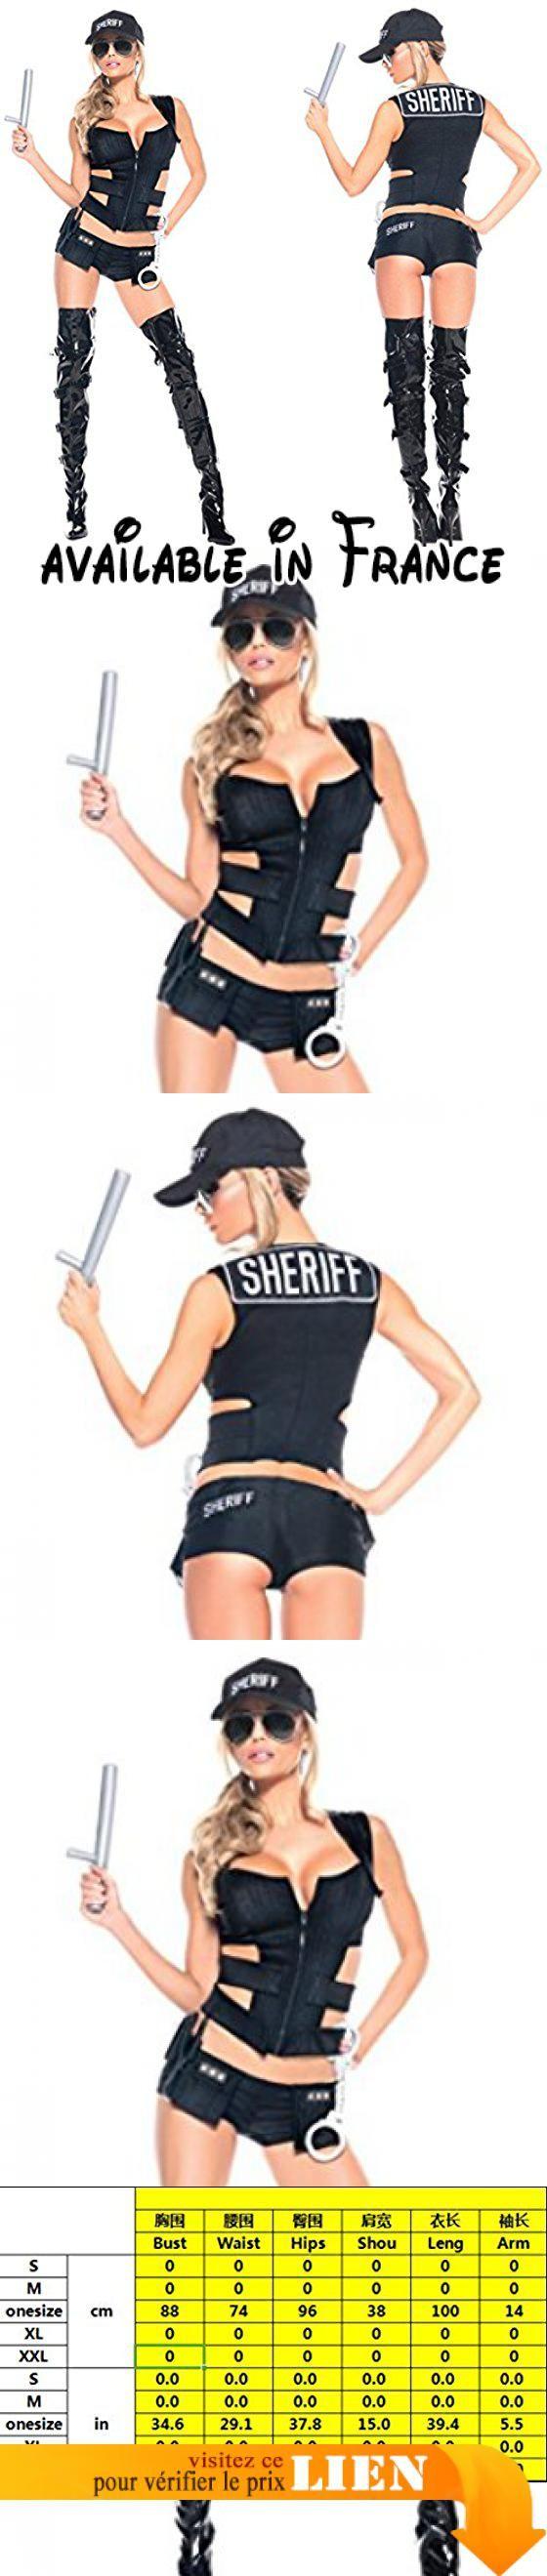 B075B6XNT3 : Nihiug Halloween Cos European Cool Policie Cosplay Police Costume Sexy Personnalité Humour Dance Performance Terrible TeenagersA. Costume féminin unique. Des costumes sexy pour les adultes ludiques. Hot sexy costume qui est plein. Forme et amusement un costume simple et sexy pour une nuit chaude. L'heure d'arrivée de la logistique devrait atteindre 7-15 jours